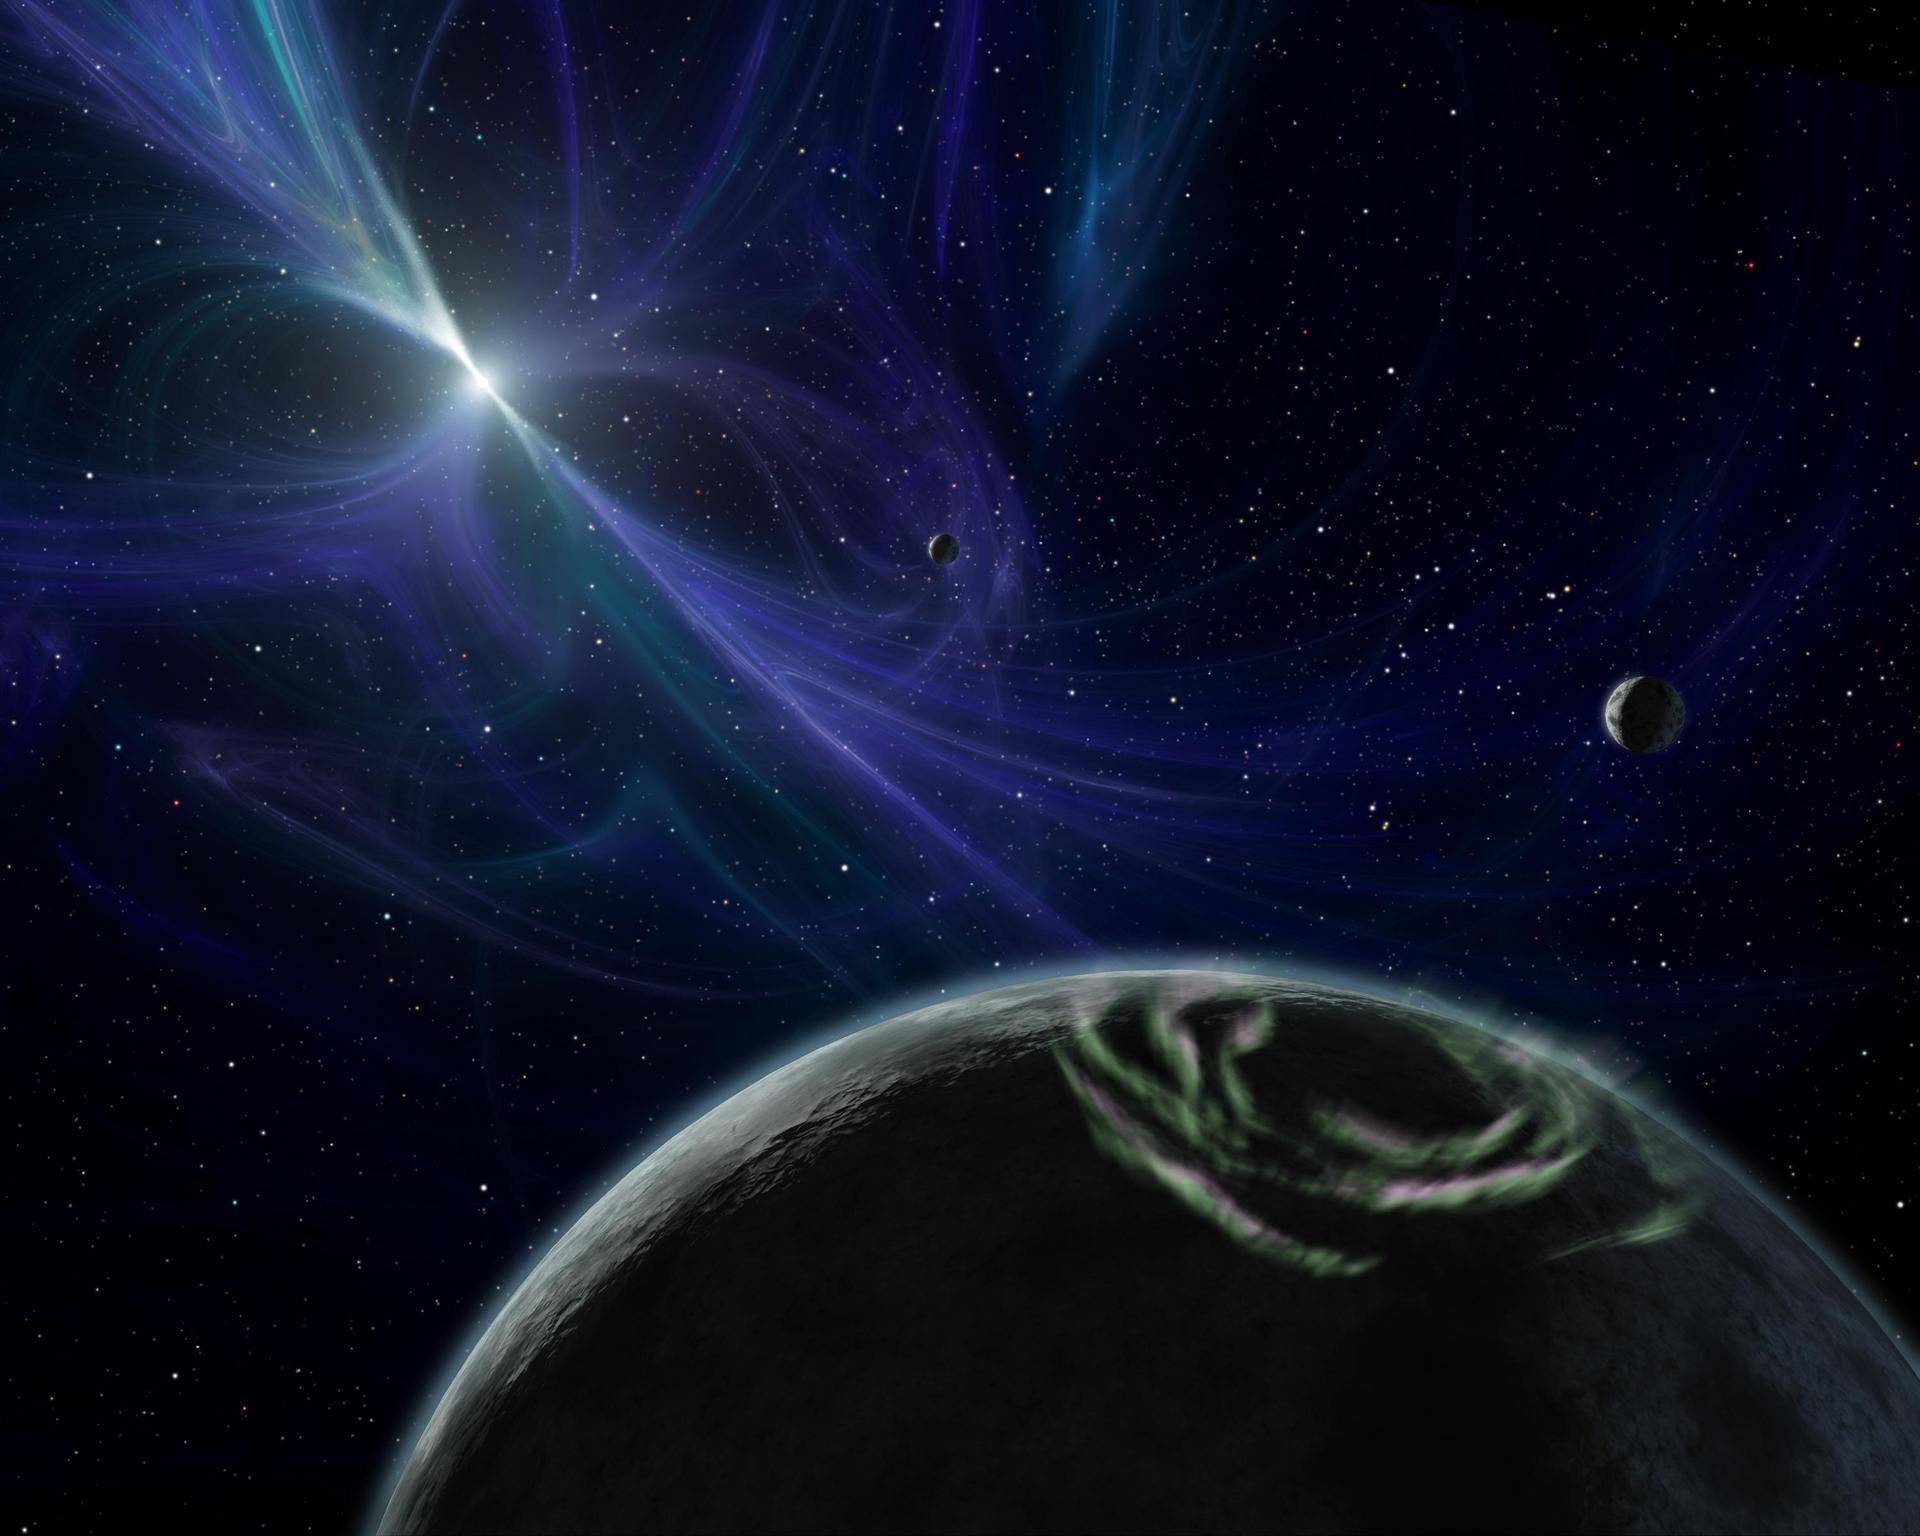 Representación artística del Sistema planetario descubierto por Aleksander Wolszczan en 1992. NASA/JPL-Caltech